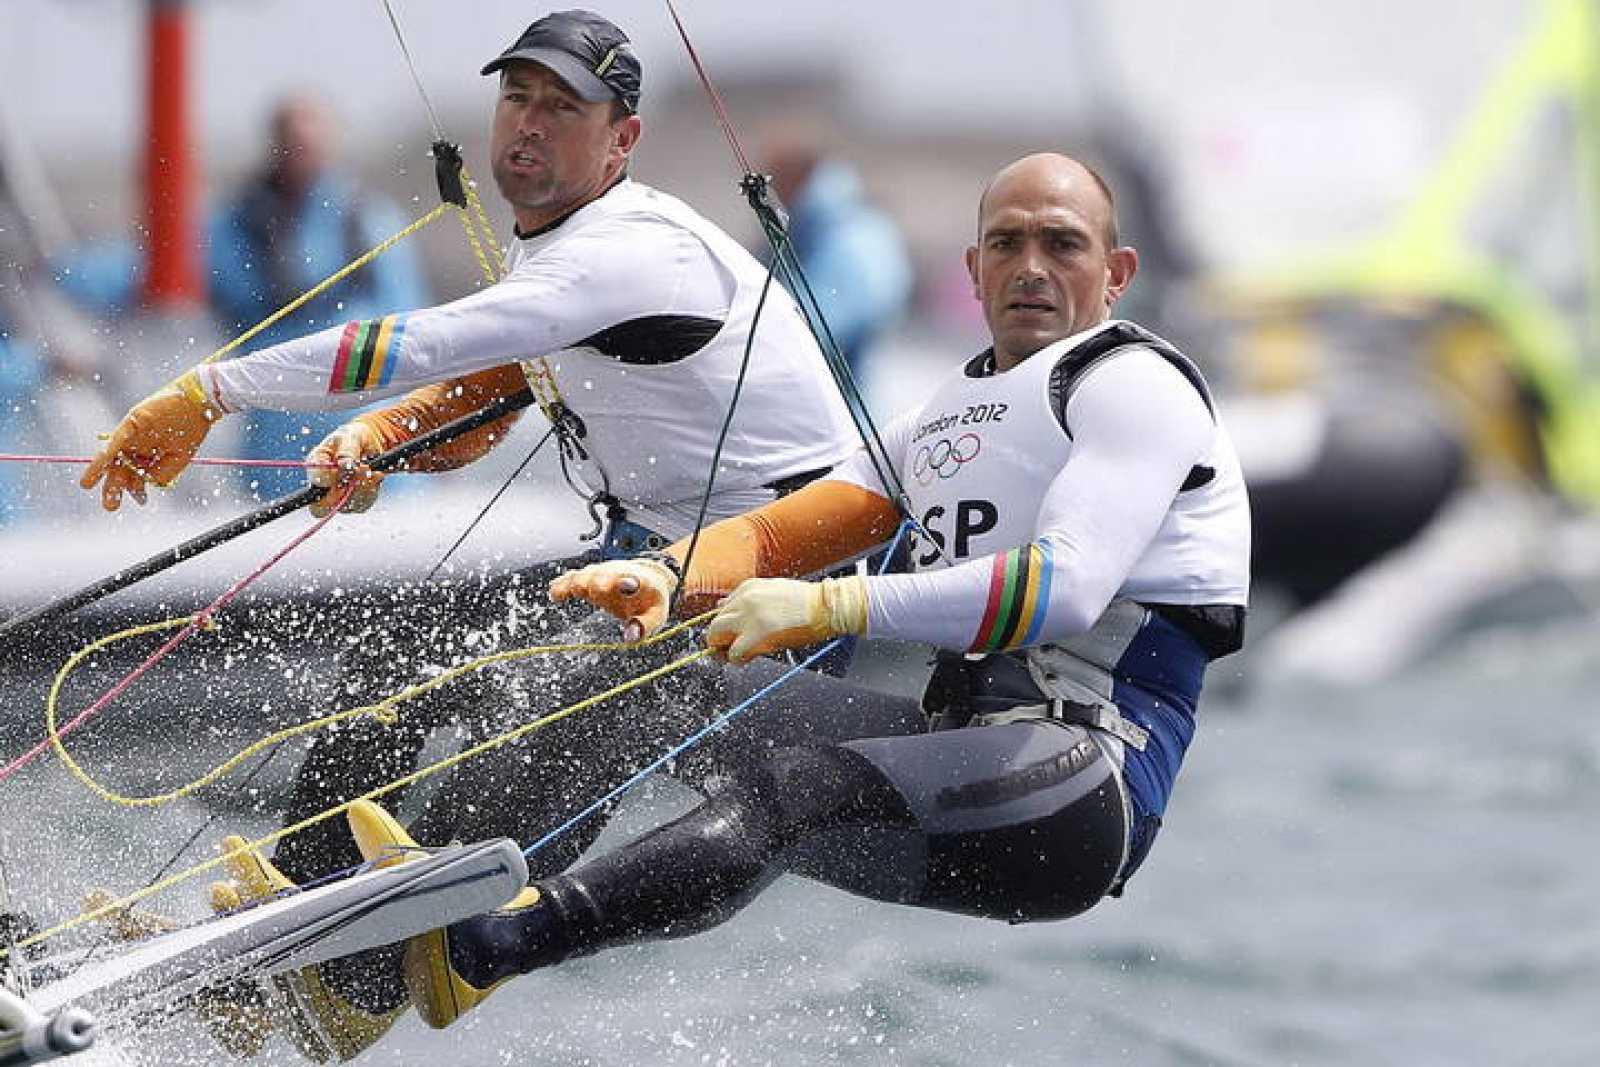 Los españoles Iker Martinez (i) y Xabi Fernandez, disputan la prueba de 49er en la competición olímpica de vela que tiene en la localidad de Weymouth.